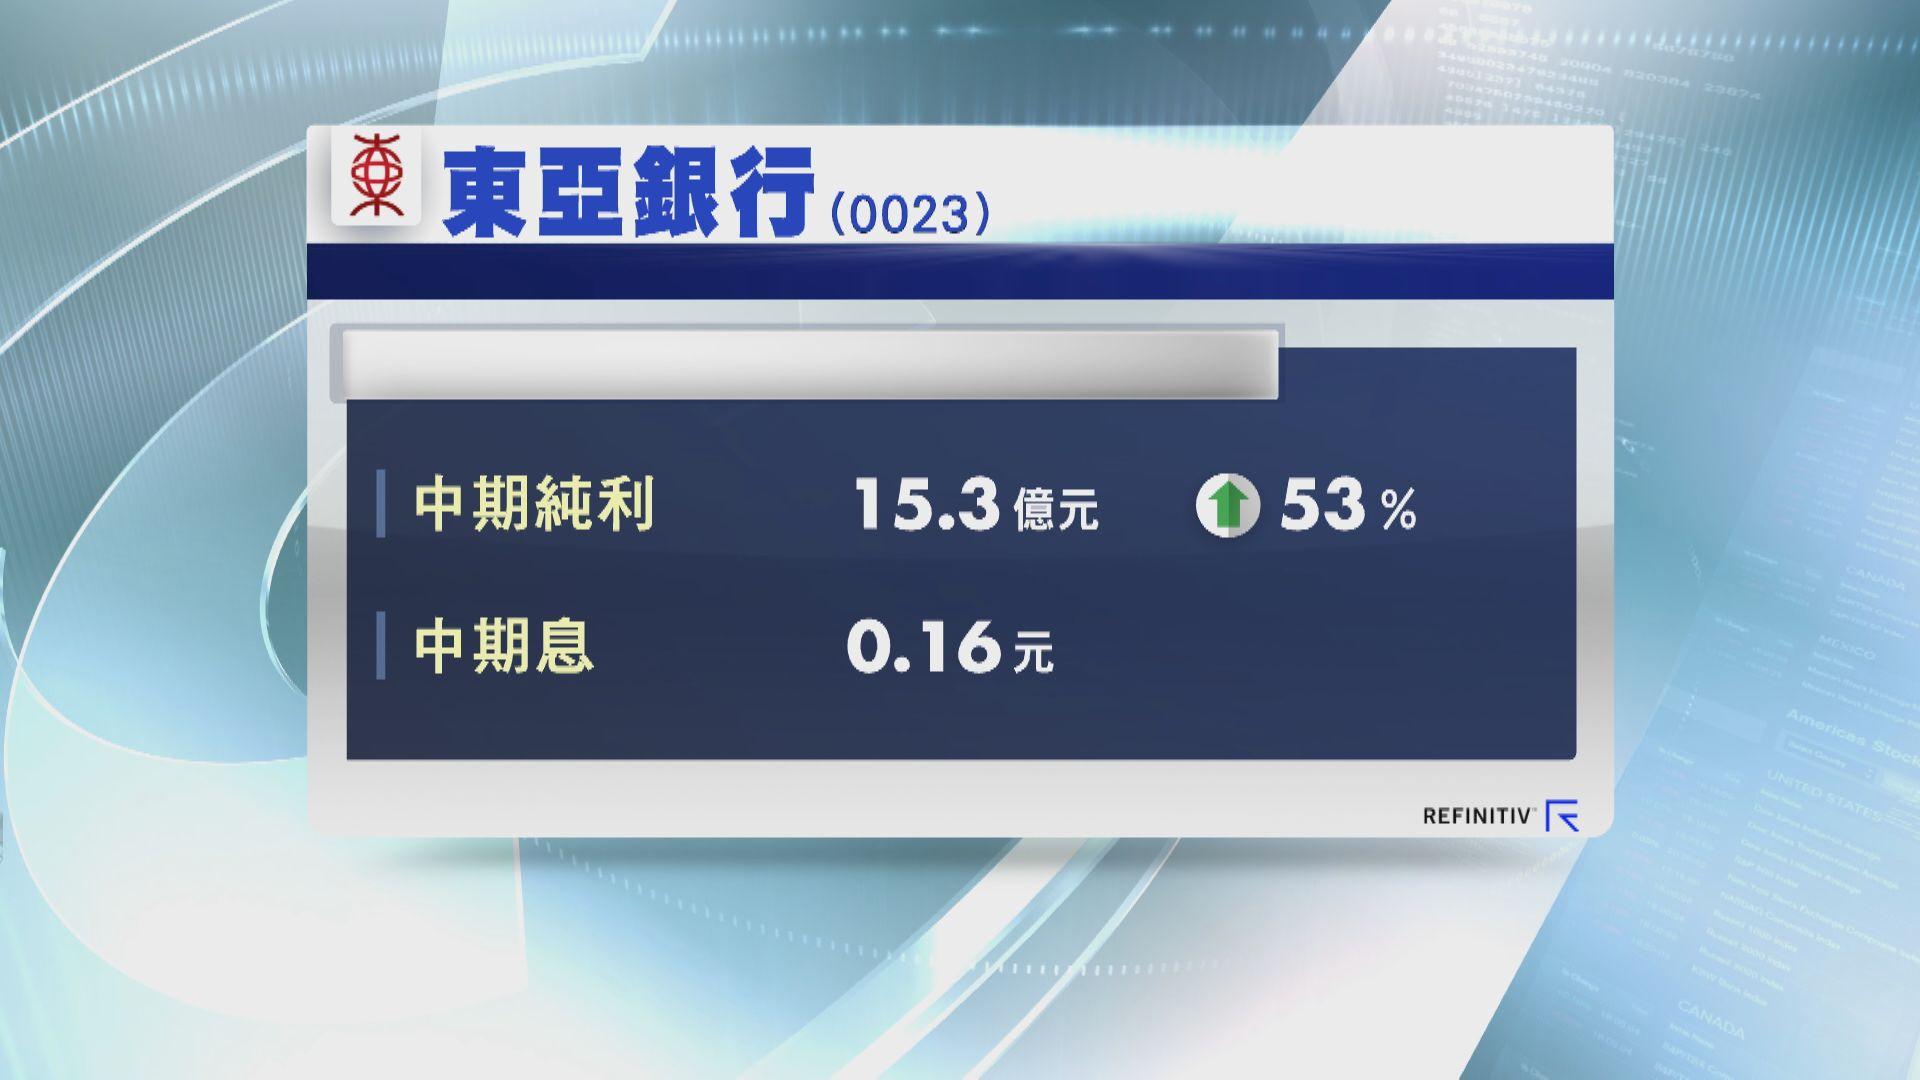 東亞中期多賺53% 中期息增加逾四成